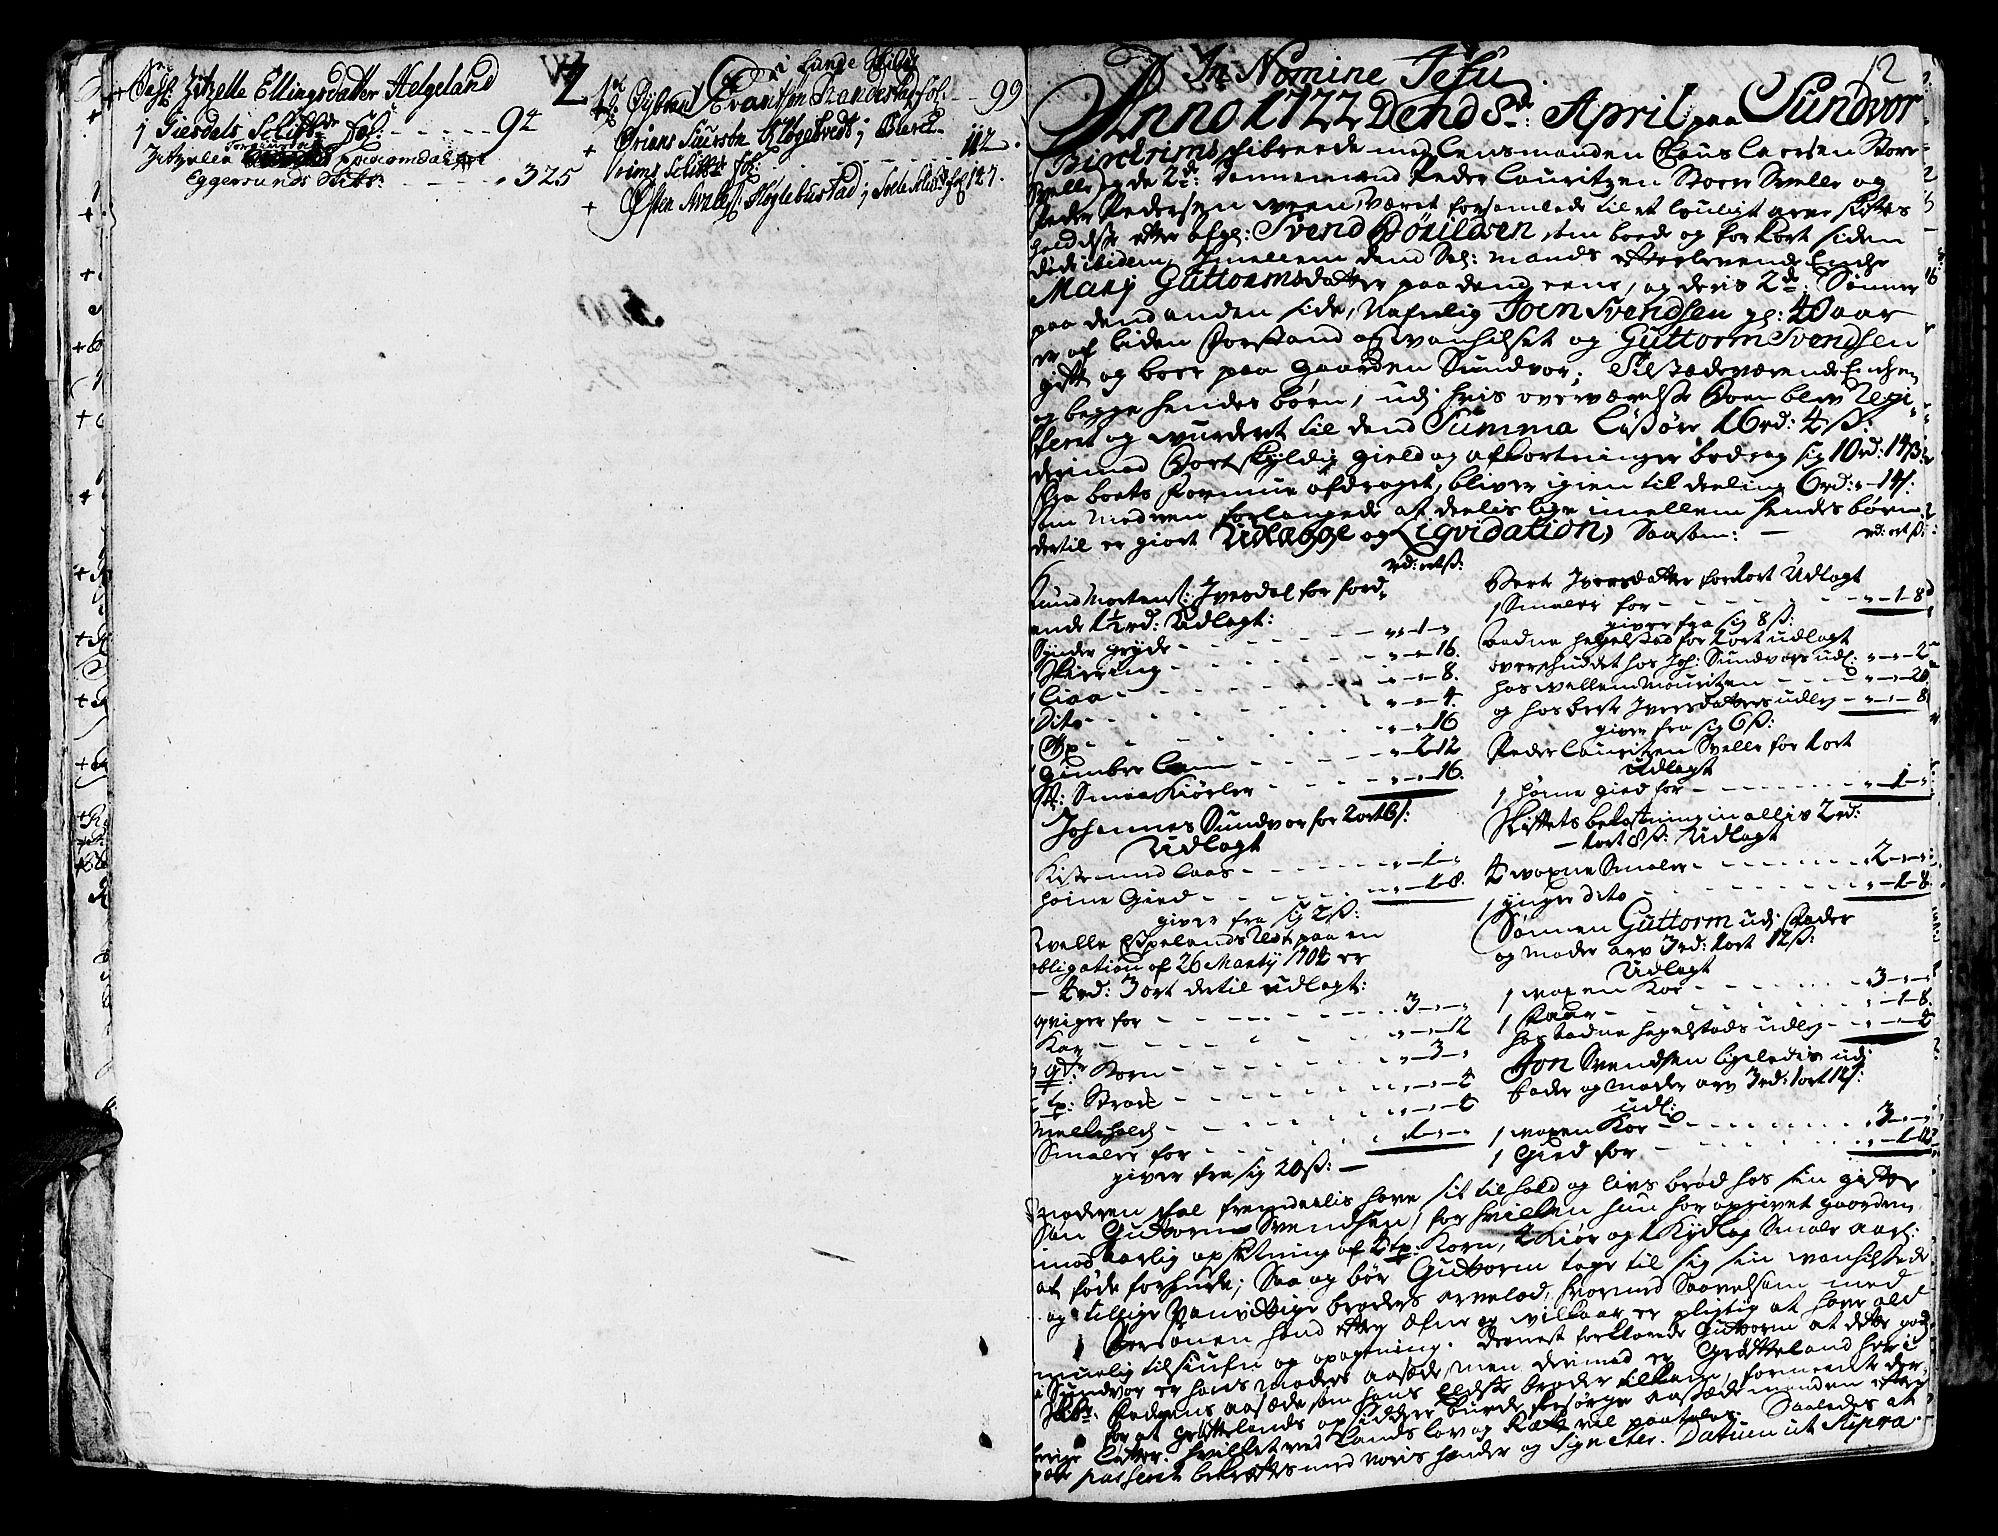 SAST, Jæren og Dalane sorenskriveri, 5/50BA/L0006B: SKIFTEPROTOKOLL, 1722-1739, s. 11b-12a